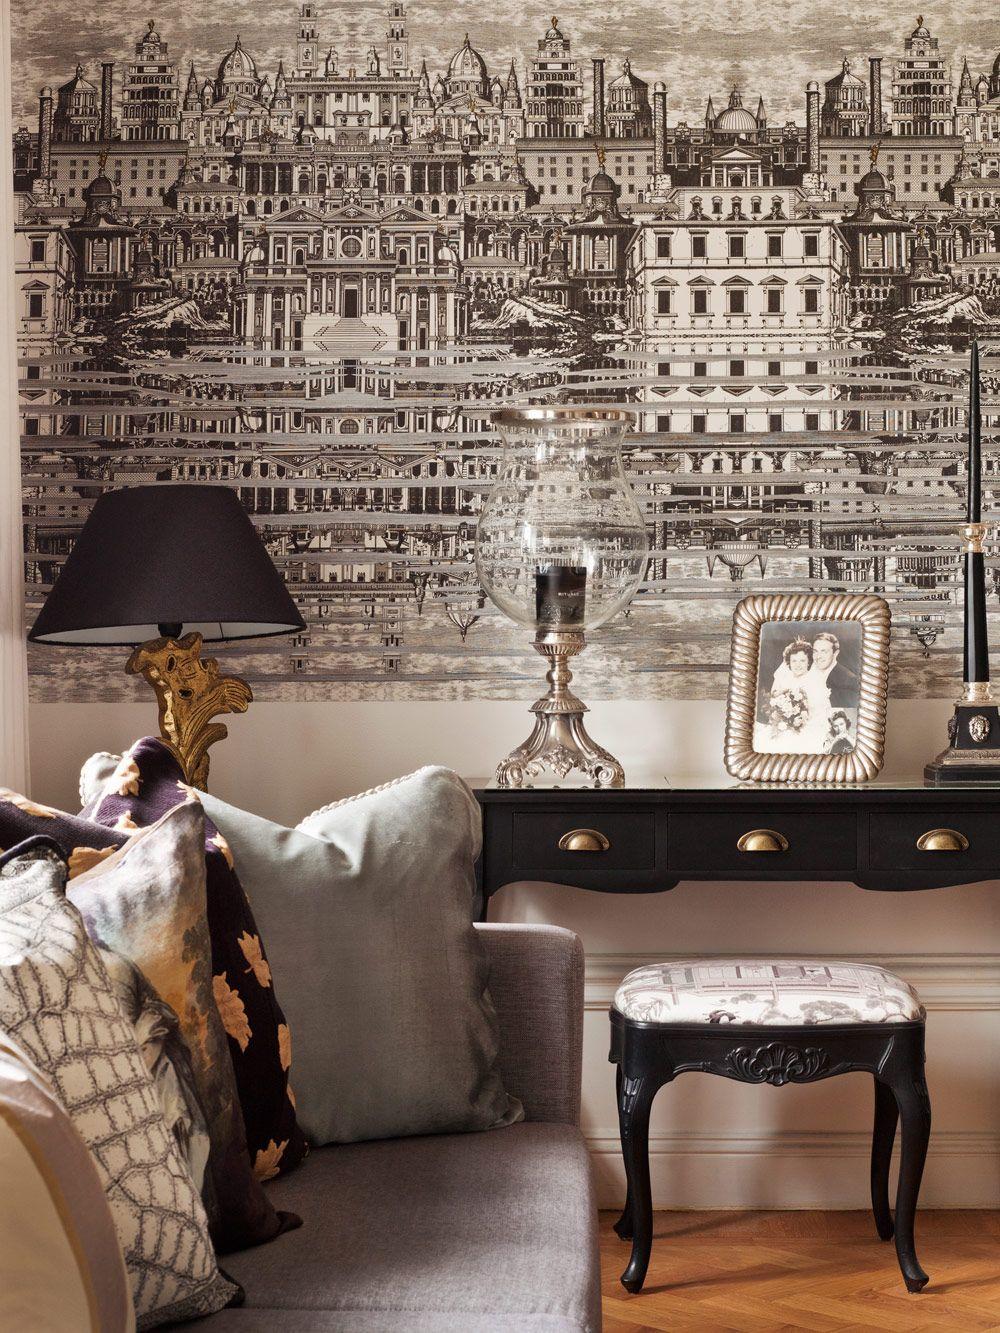 Sekelskifteskaraktär med eleganta italienska kontraster | Tapeten ...